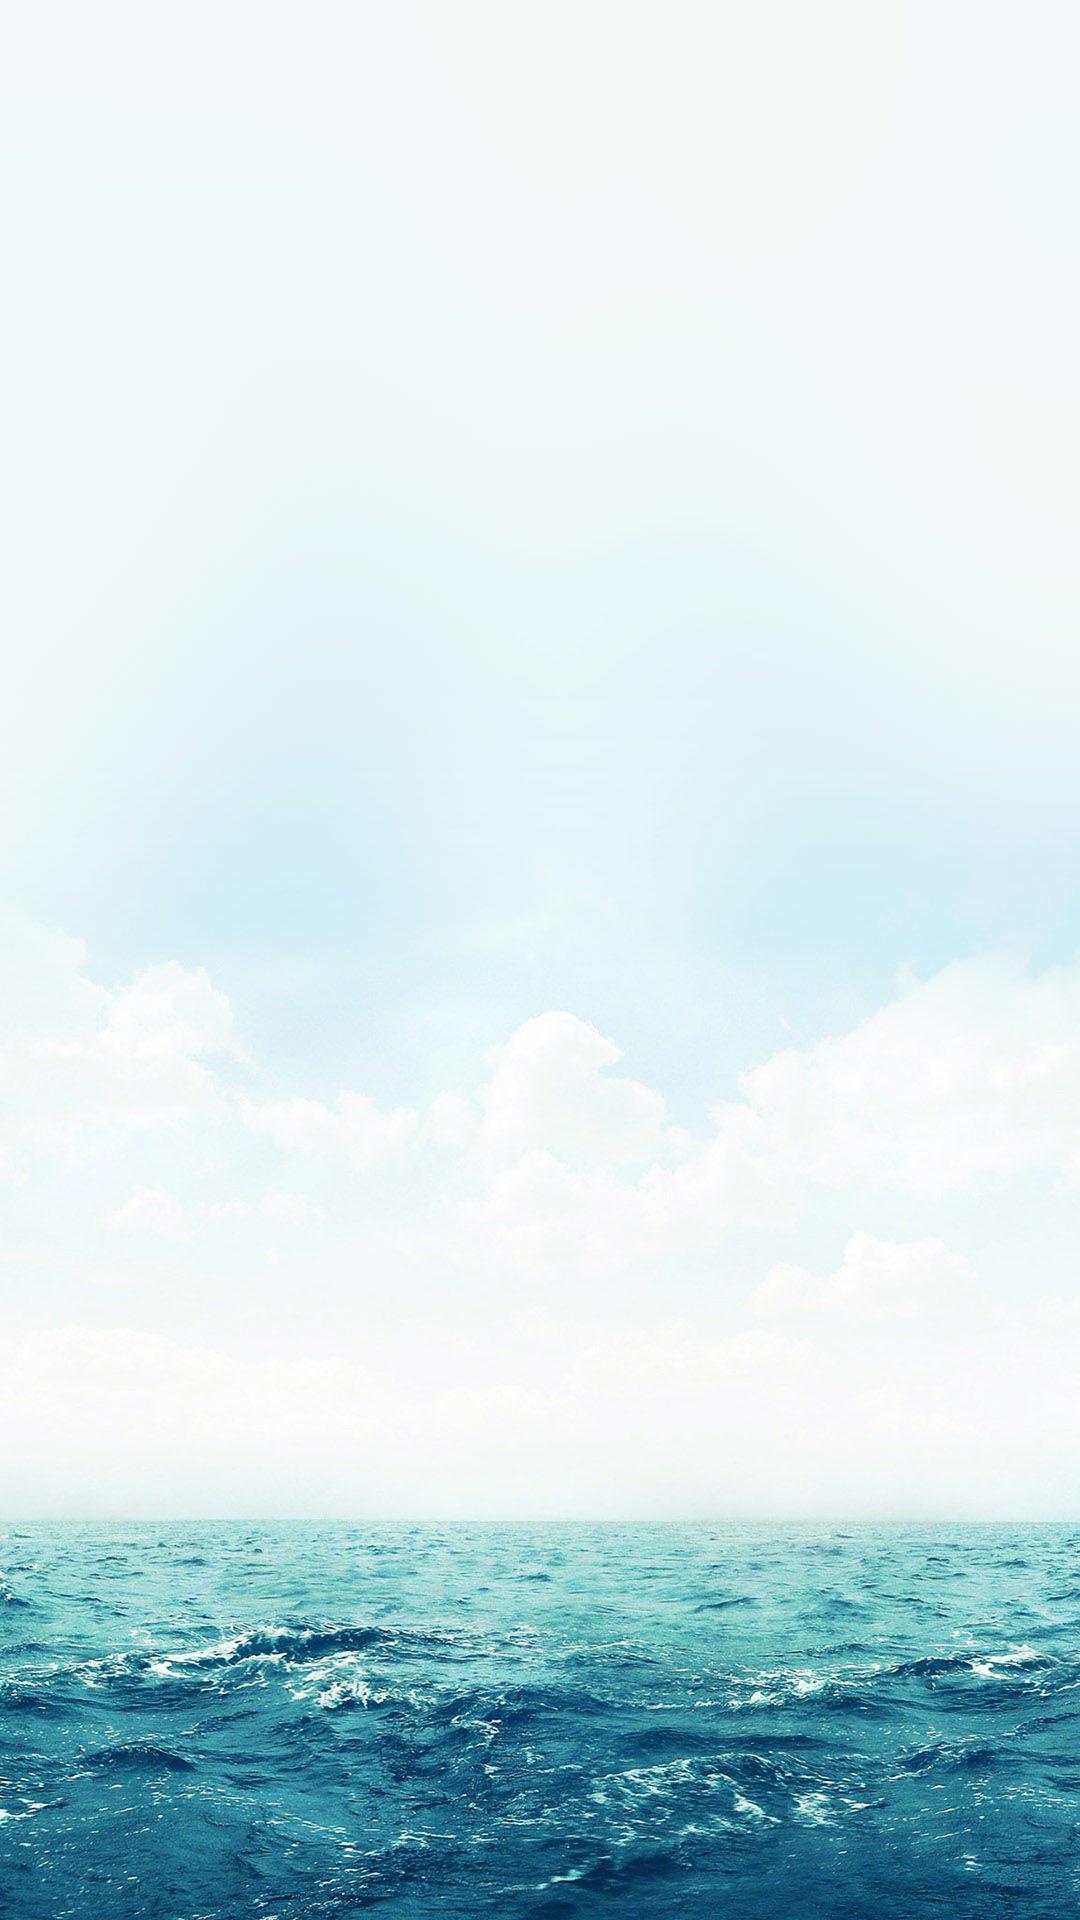 静かな冬の海 iPhone6壁紙